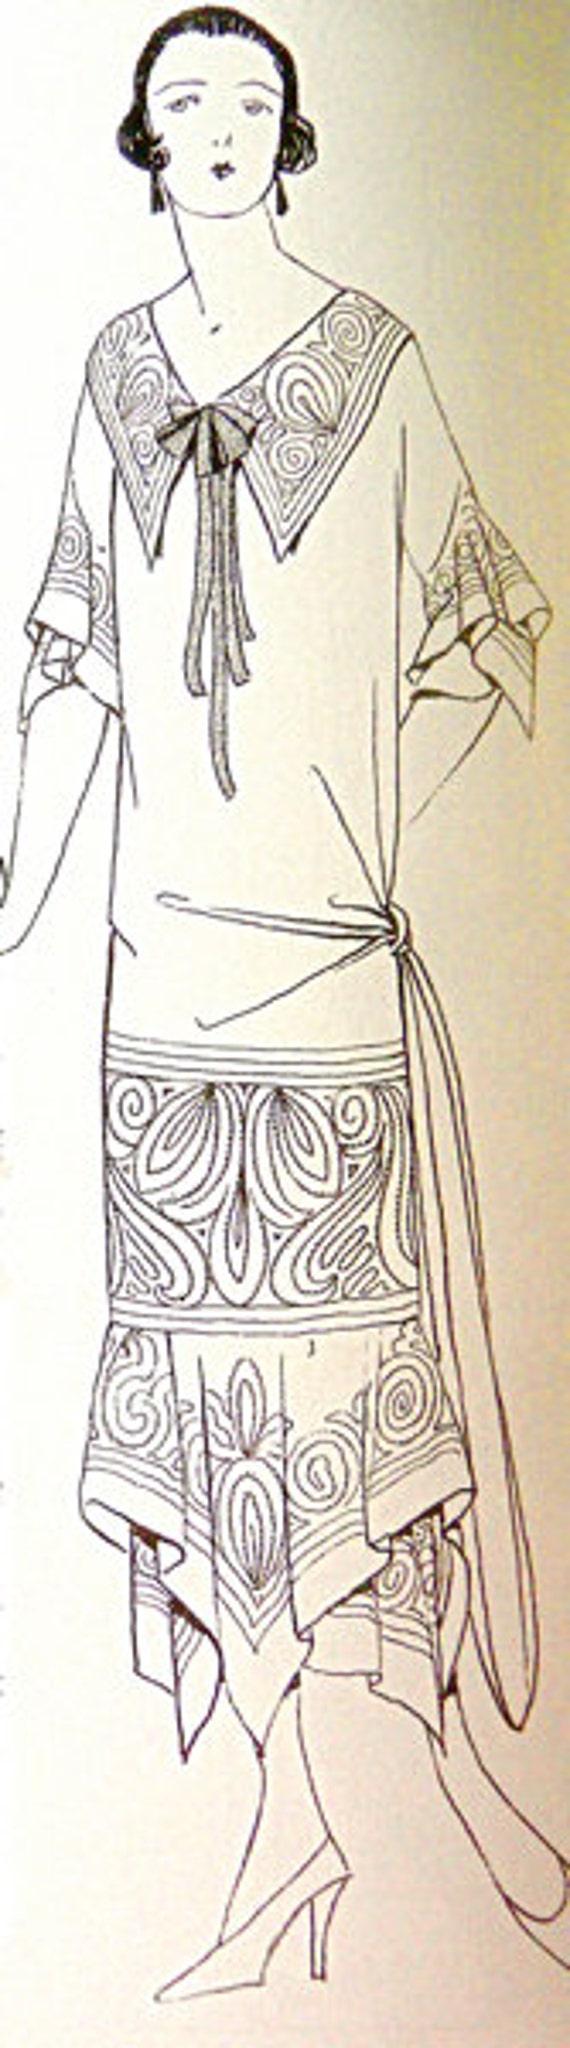 Patrón de la década 1920 para coser. Diseño natural y | Etsy